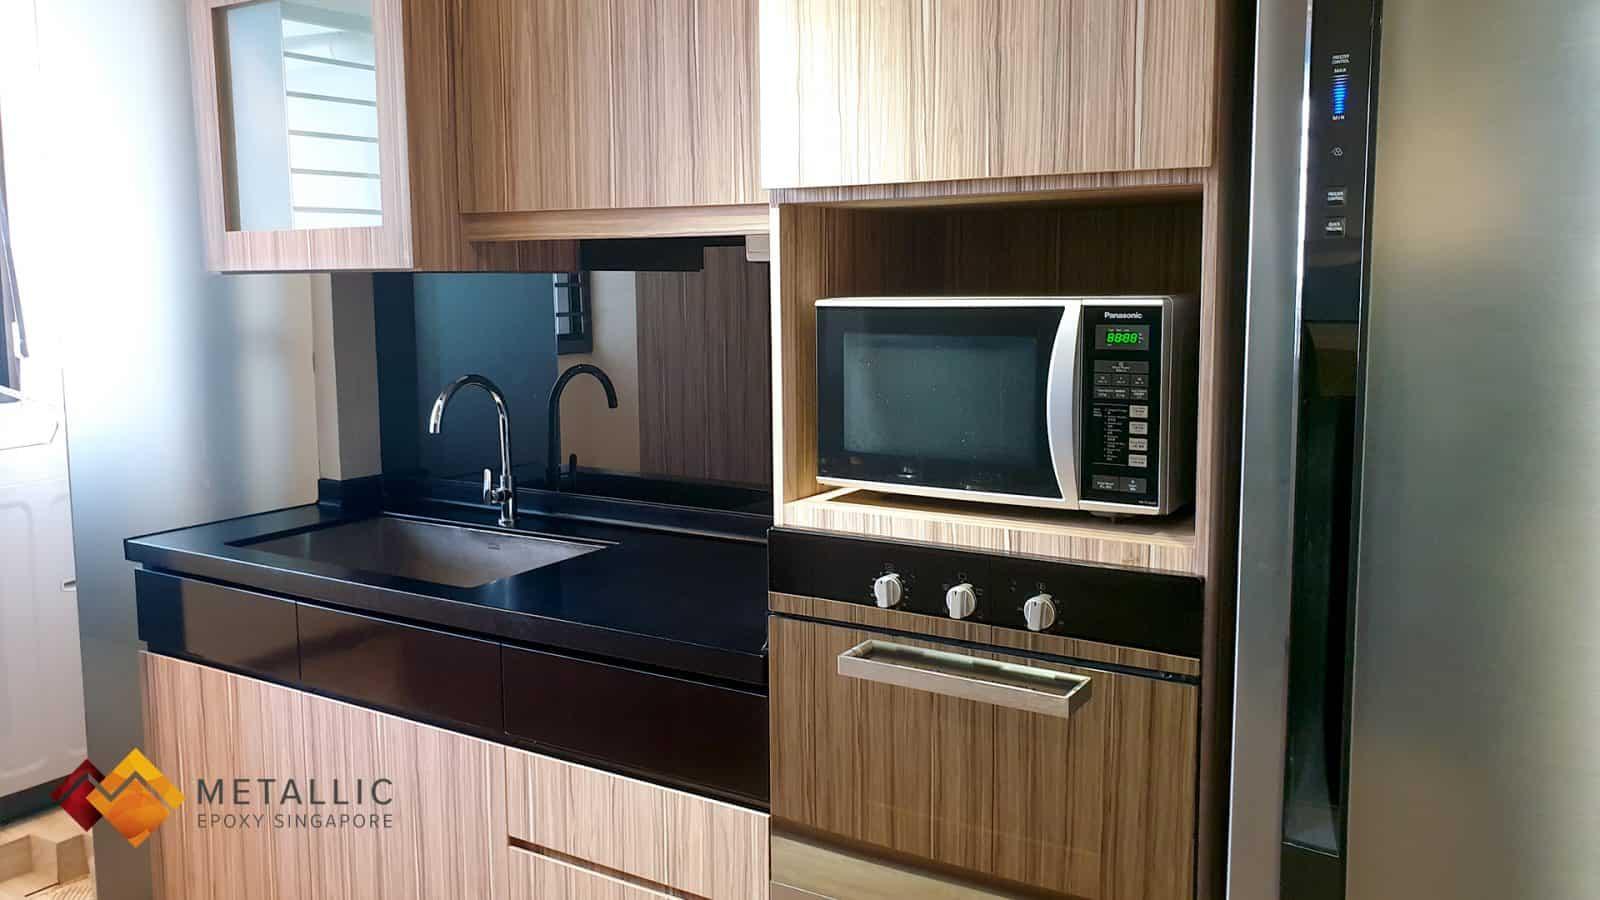 Matte Licorice Black Countertop